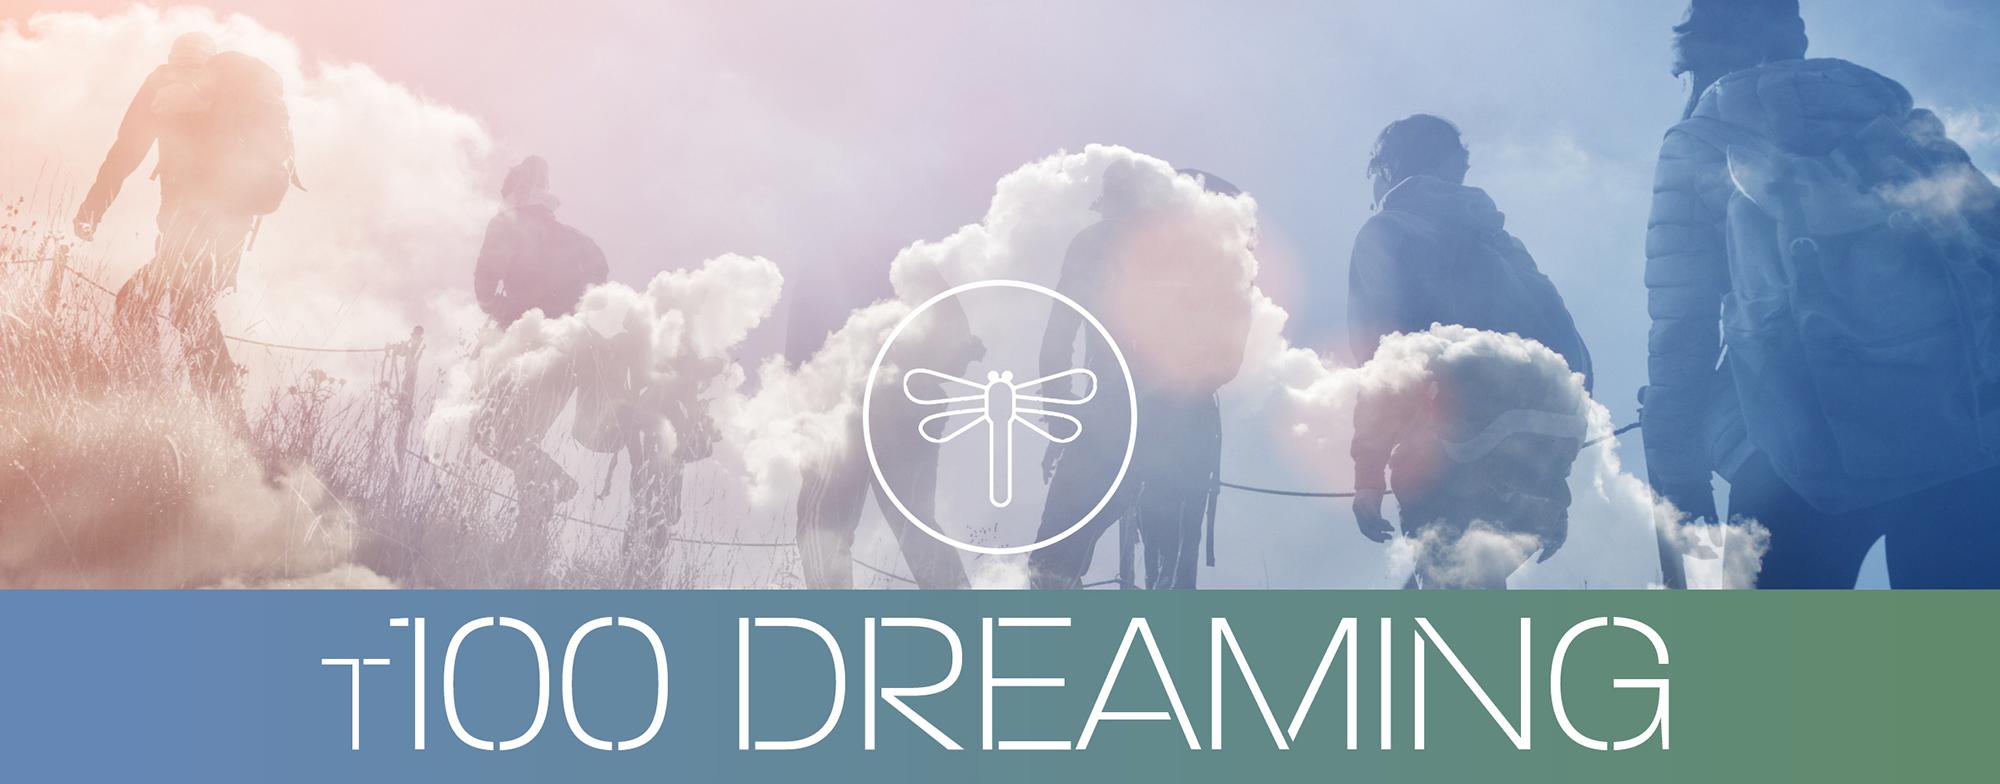 T100 Dreaming walking festival